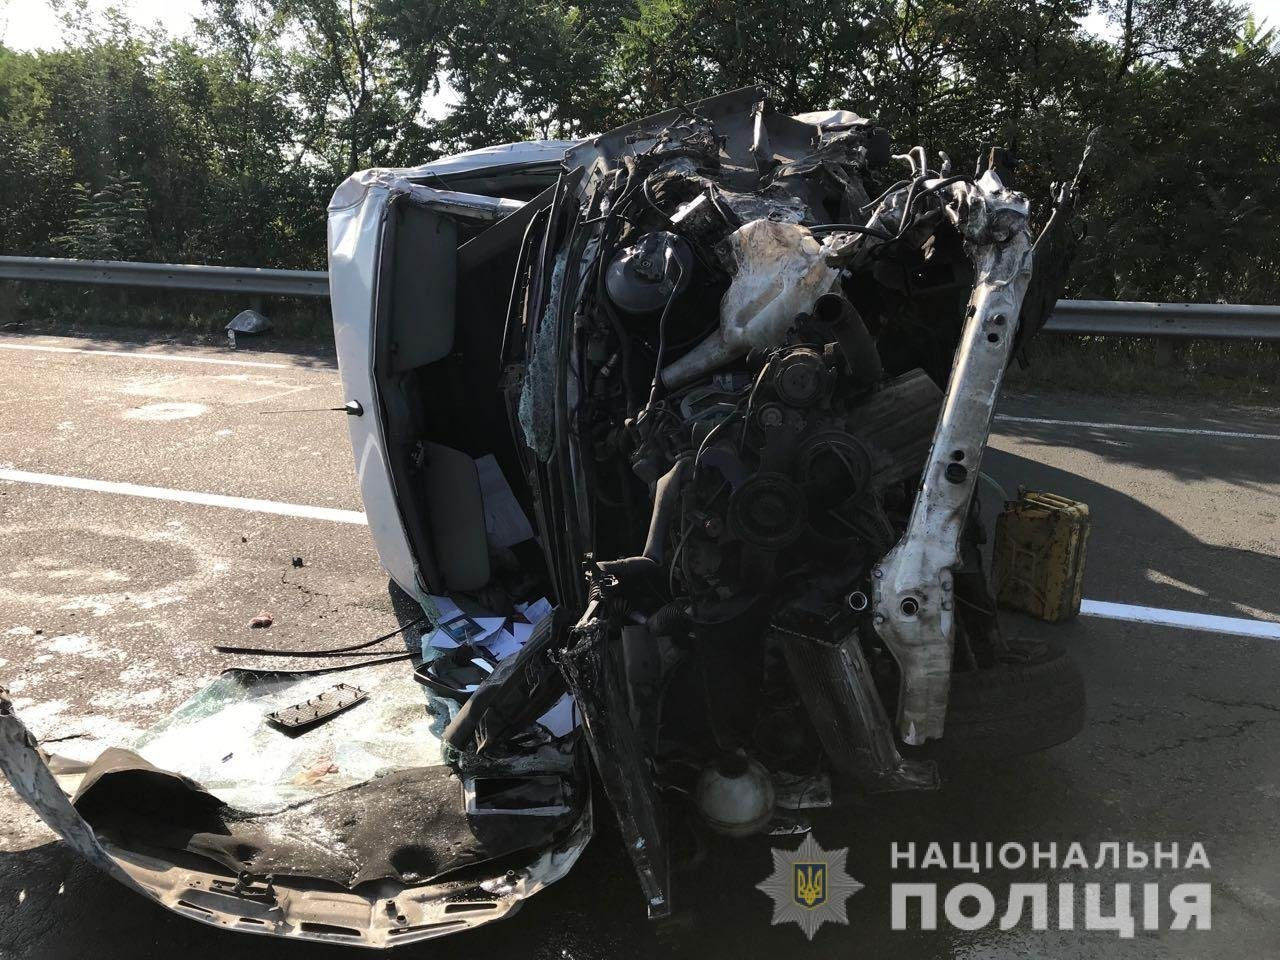 В поліції розповіли деталі смертельного ДТП на Ужгородщині. Від отриманих травм у лікарні помер і водій «ВАЗу» (ФОТО, ВІДЕО), фото-2